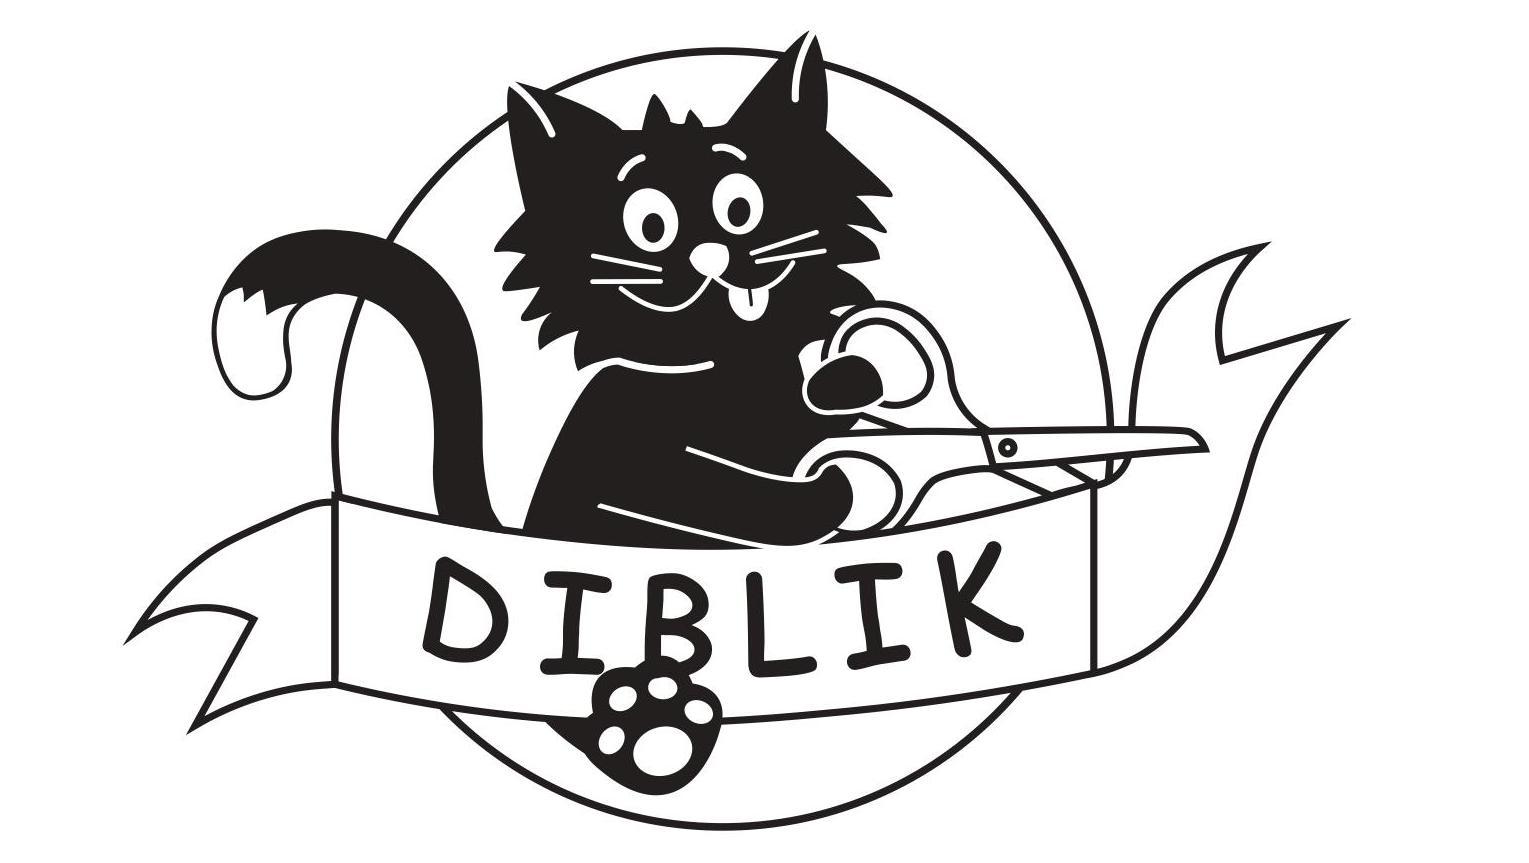 Jan Diblíček